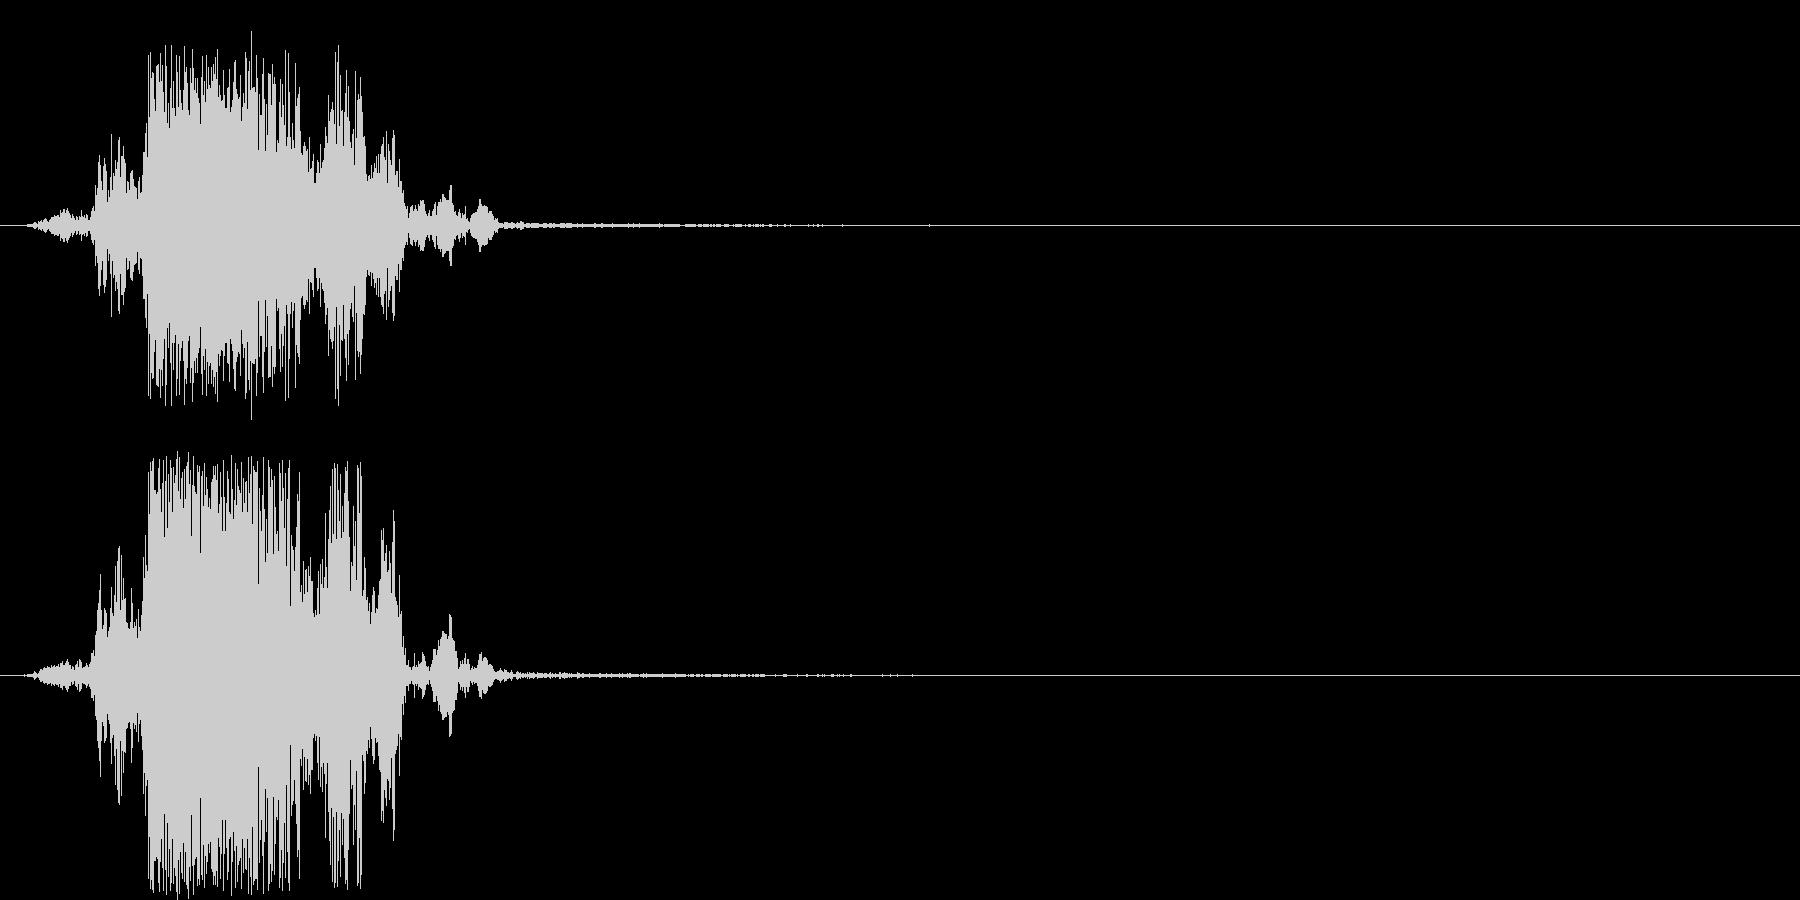 ザク 穴掘り音の未再生の波形